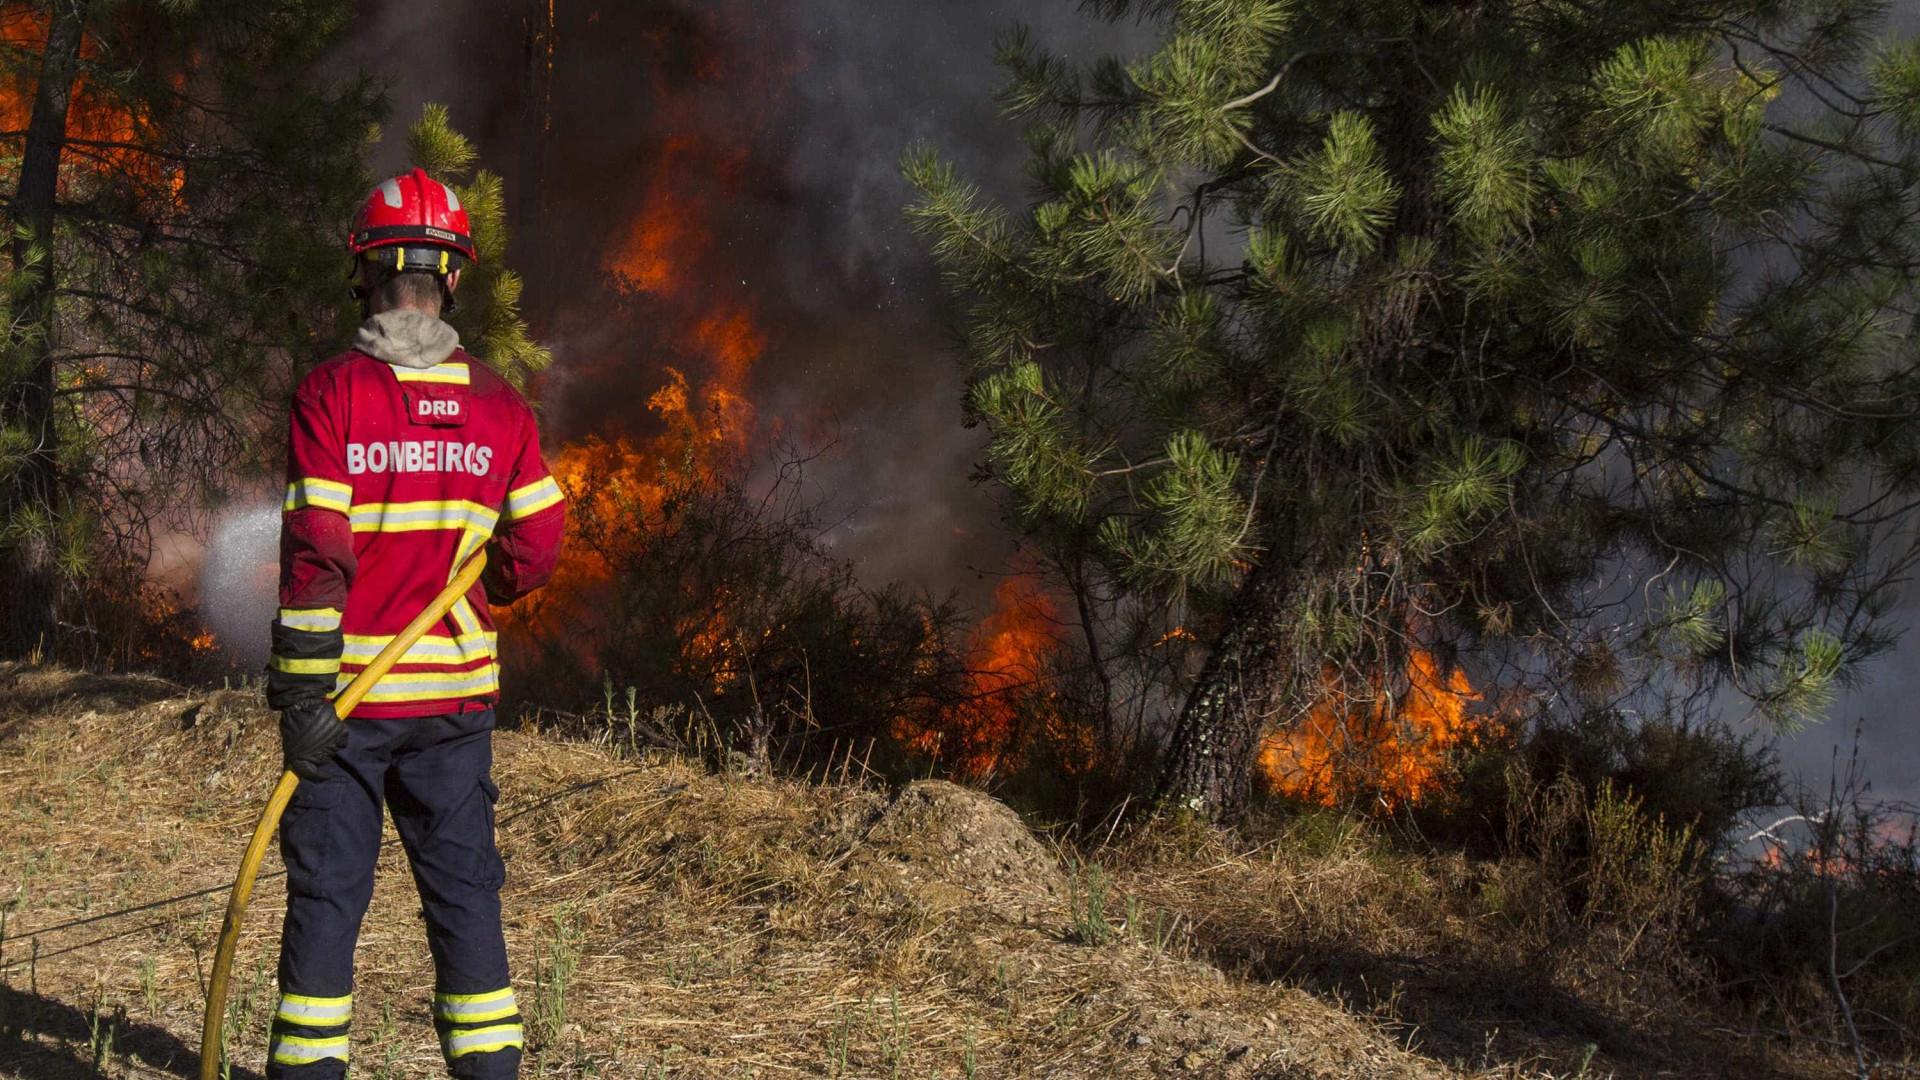 Detido suspeito de fogo posto abril, em Melgaço.